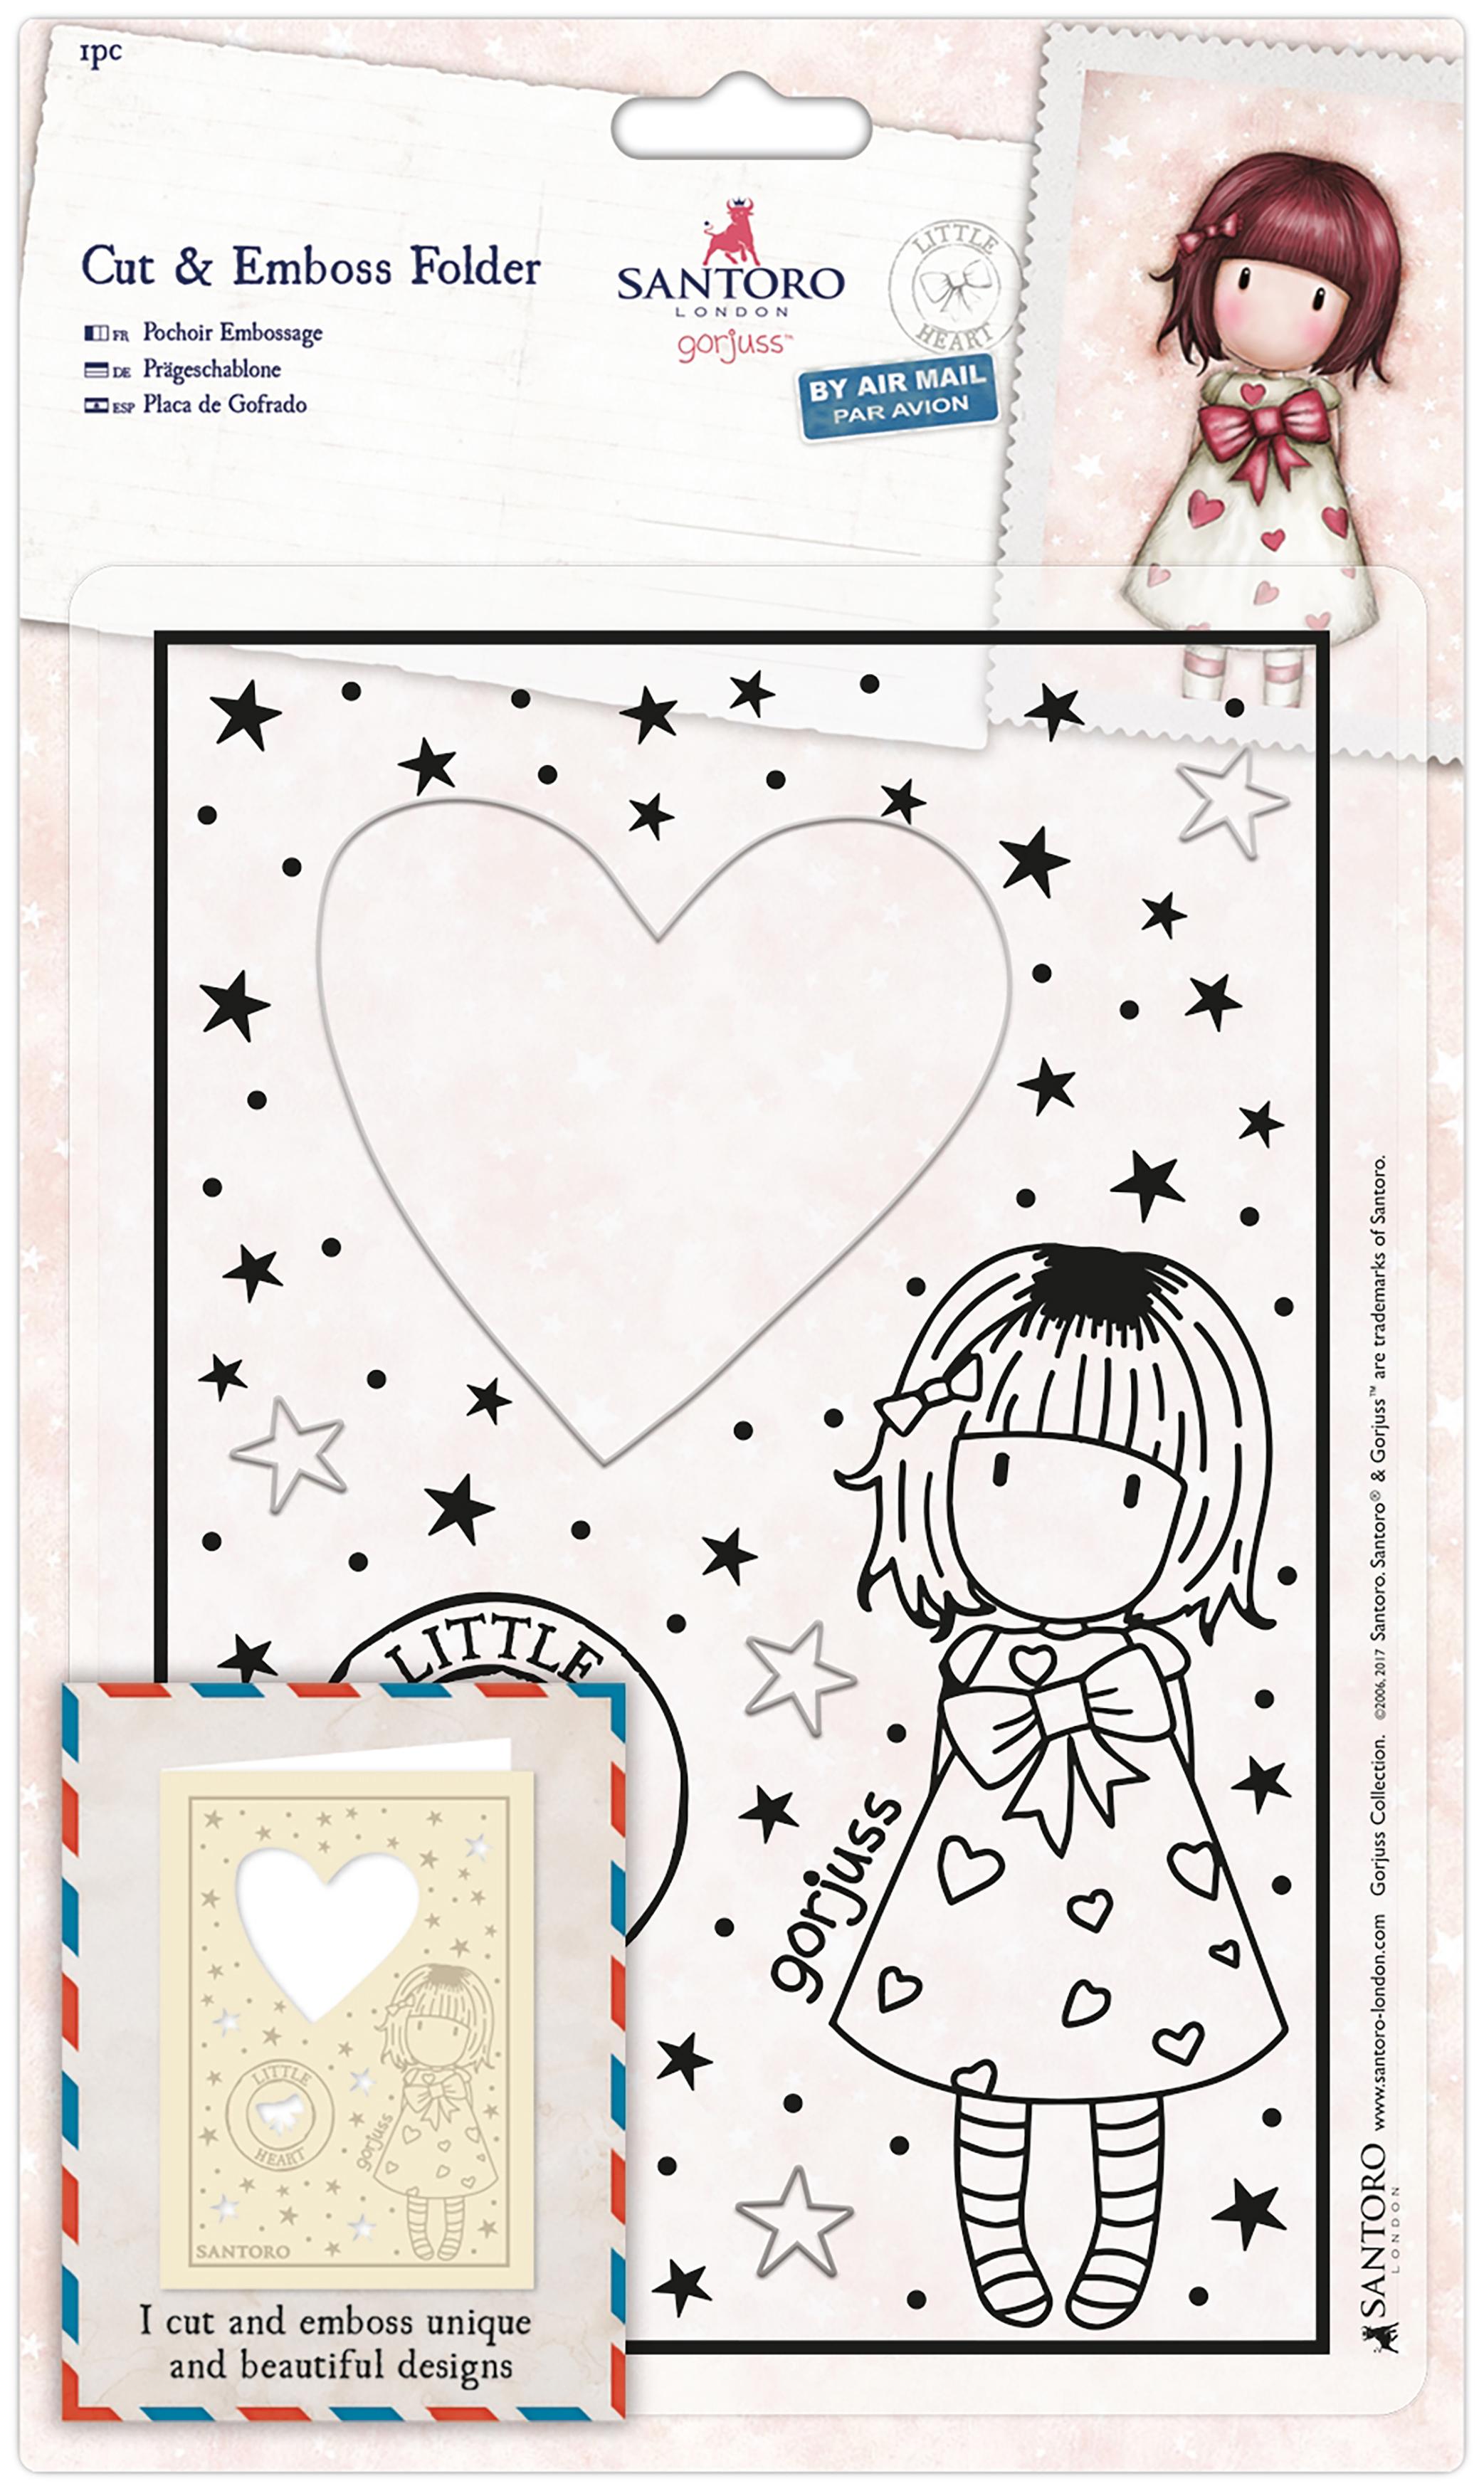 Santoro's Gorjuss Cut & Emboss Folder-Little Heart